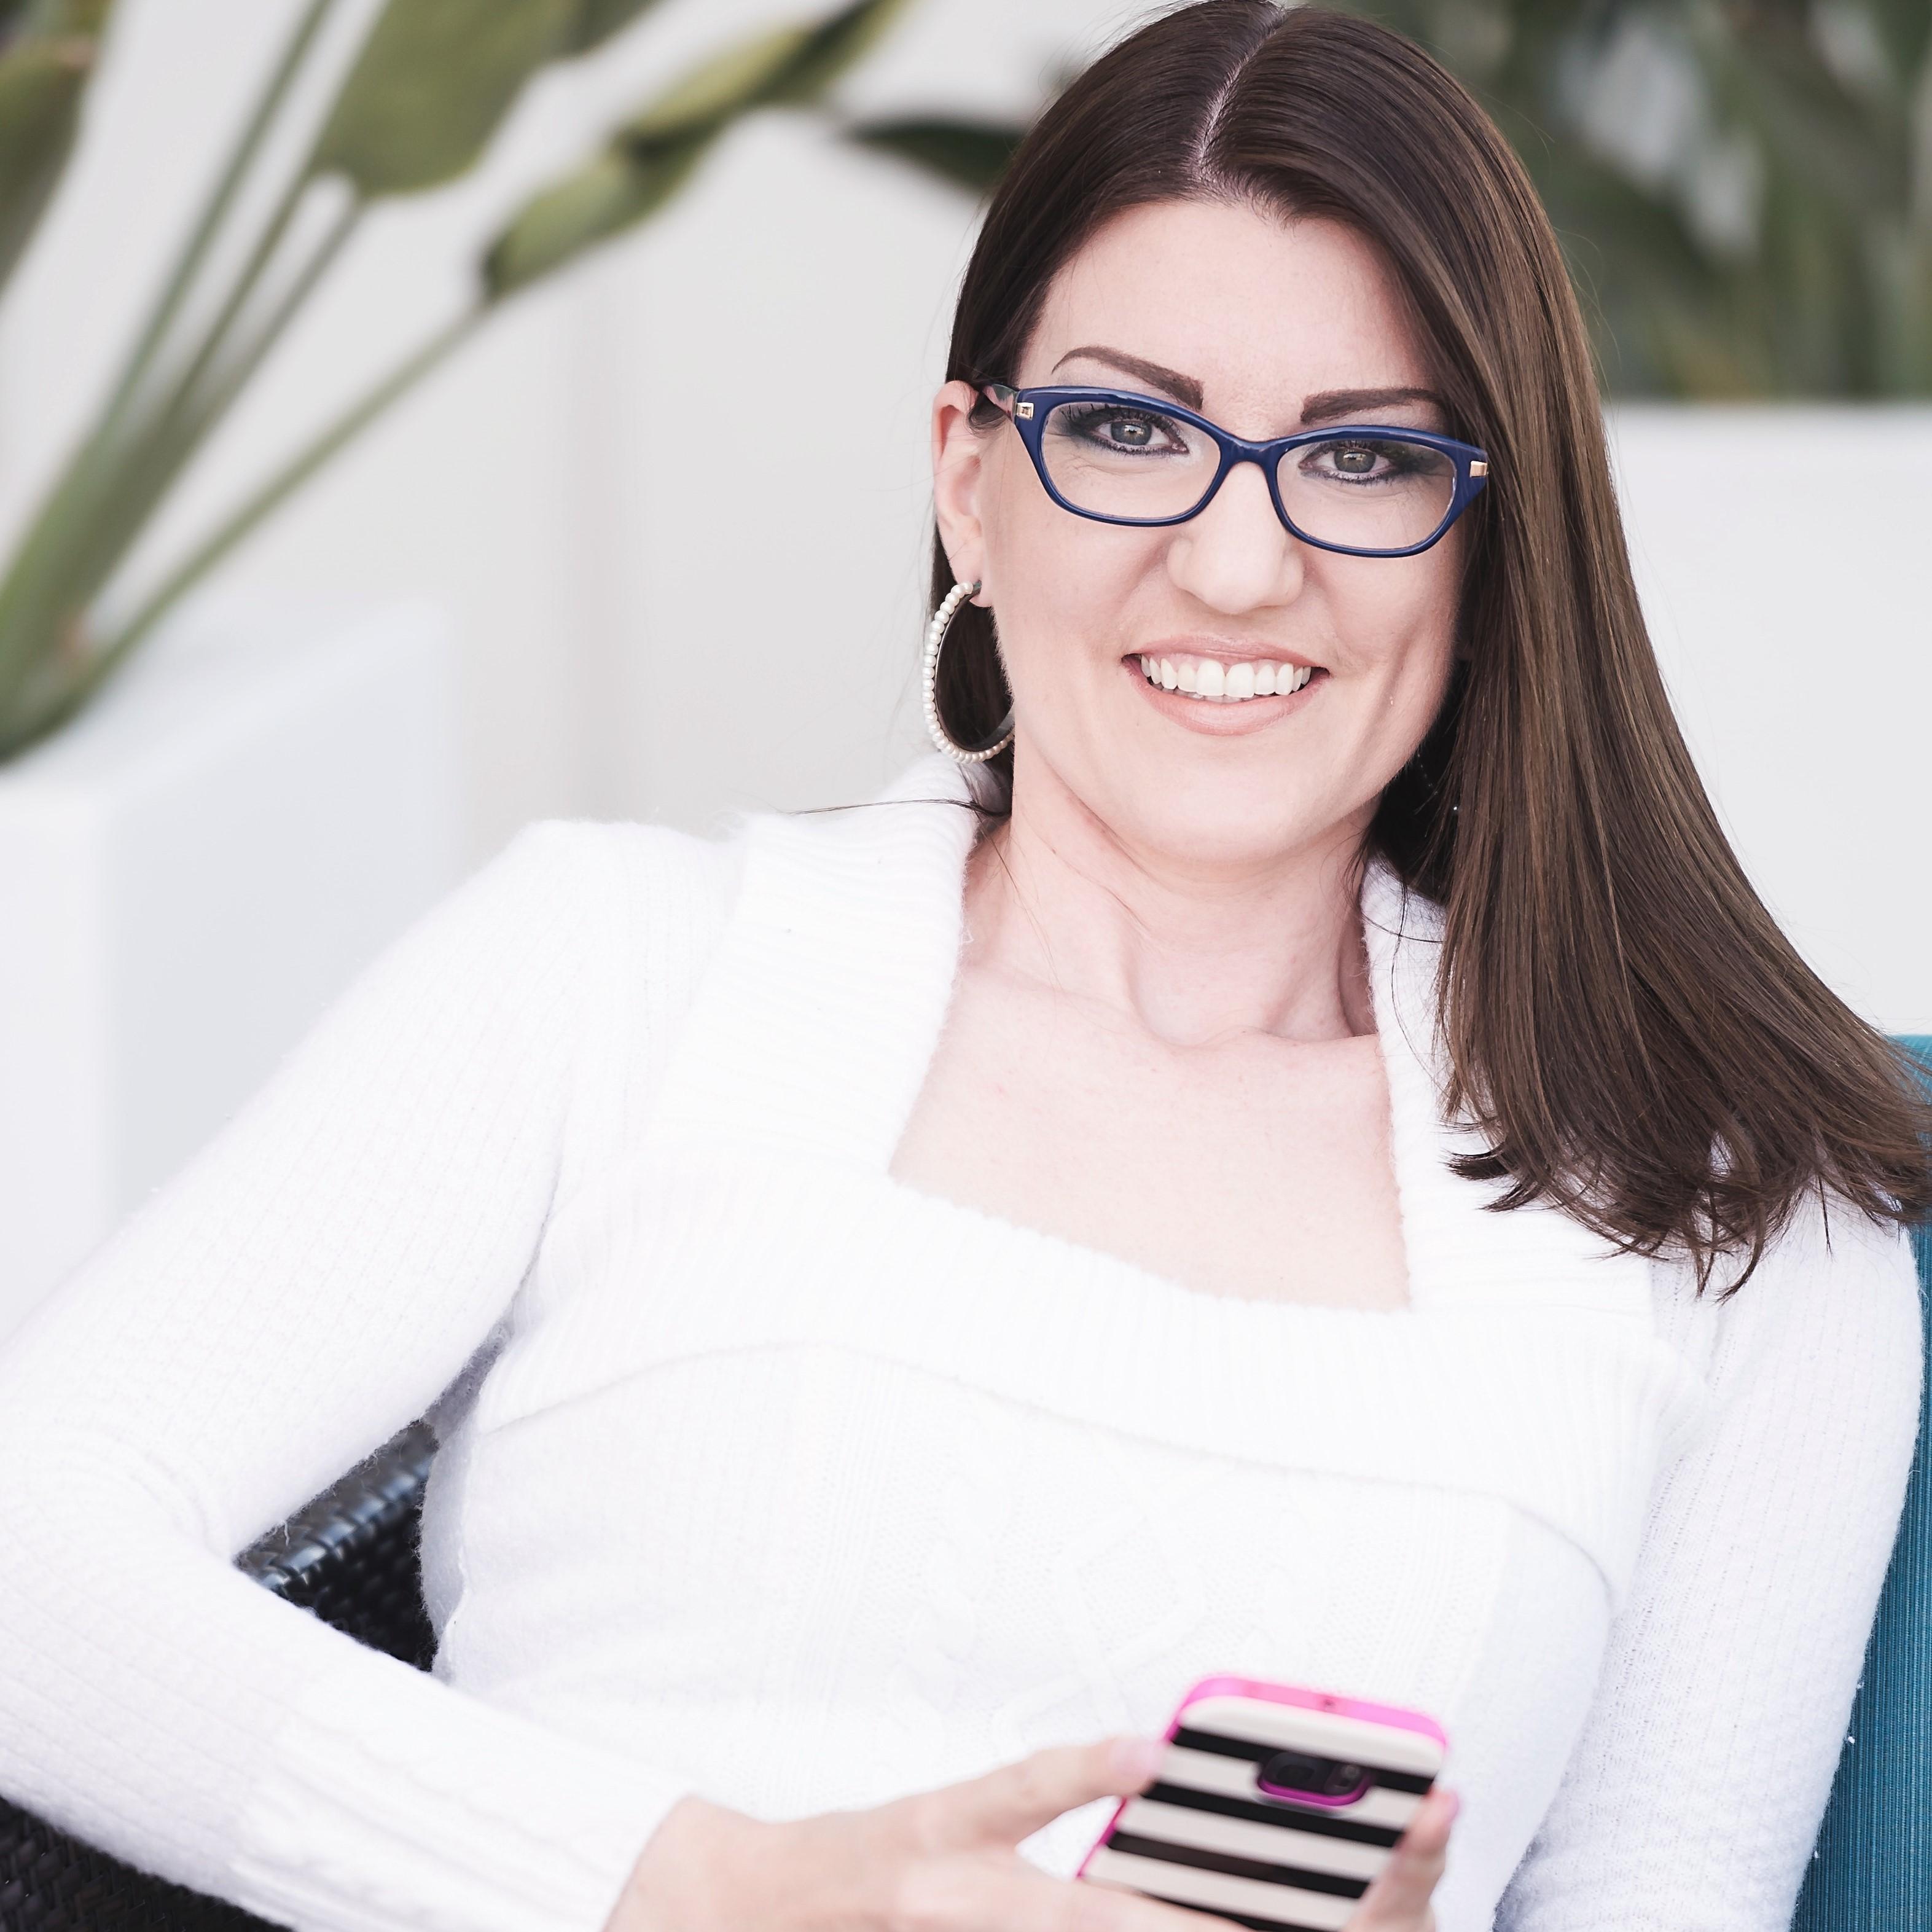 Jenn Herman Profile Photo 2016 - Cropped